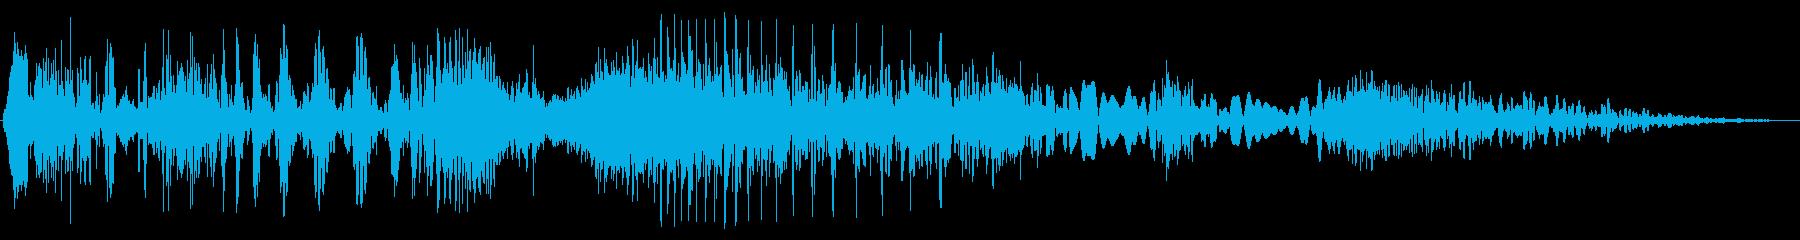 短い歪みノイズの再生済みの波形